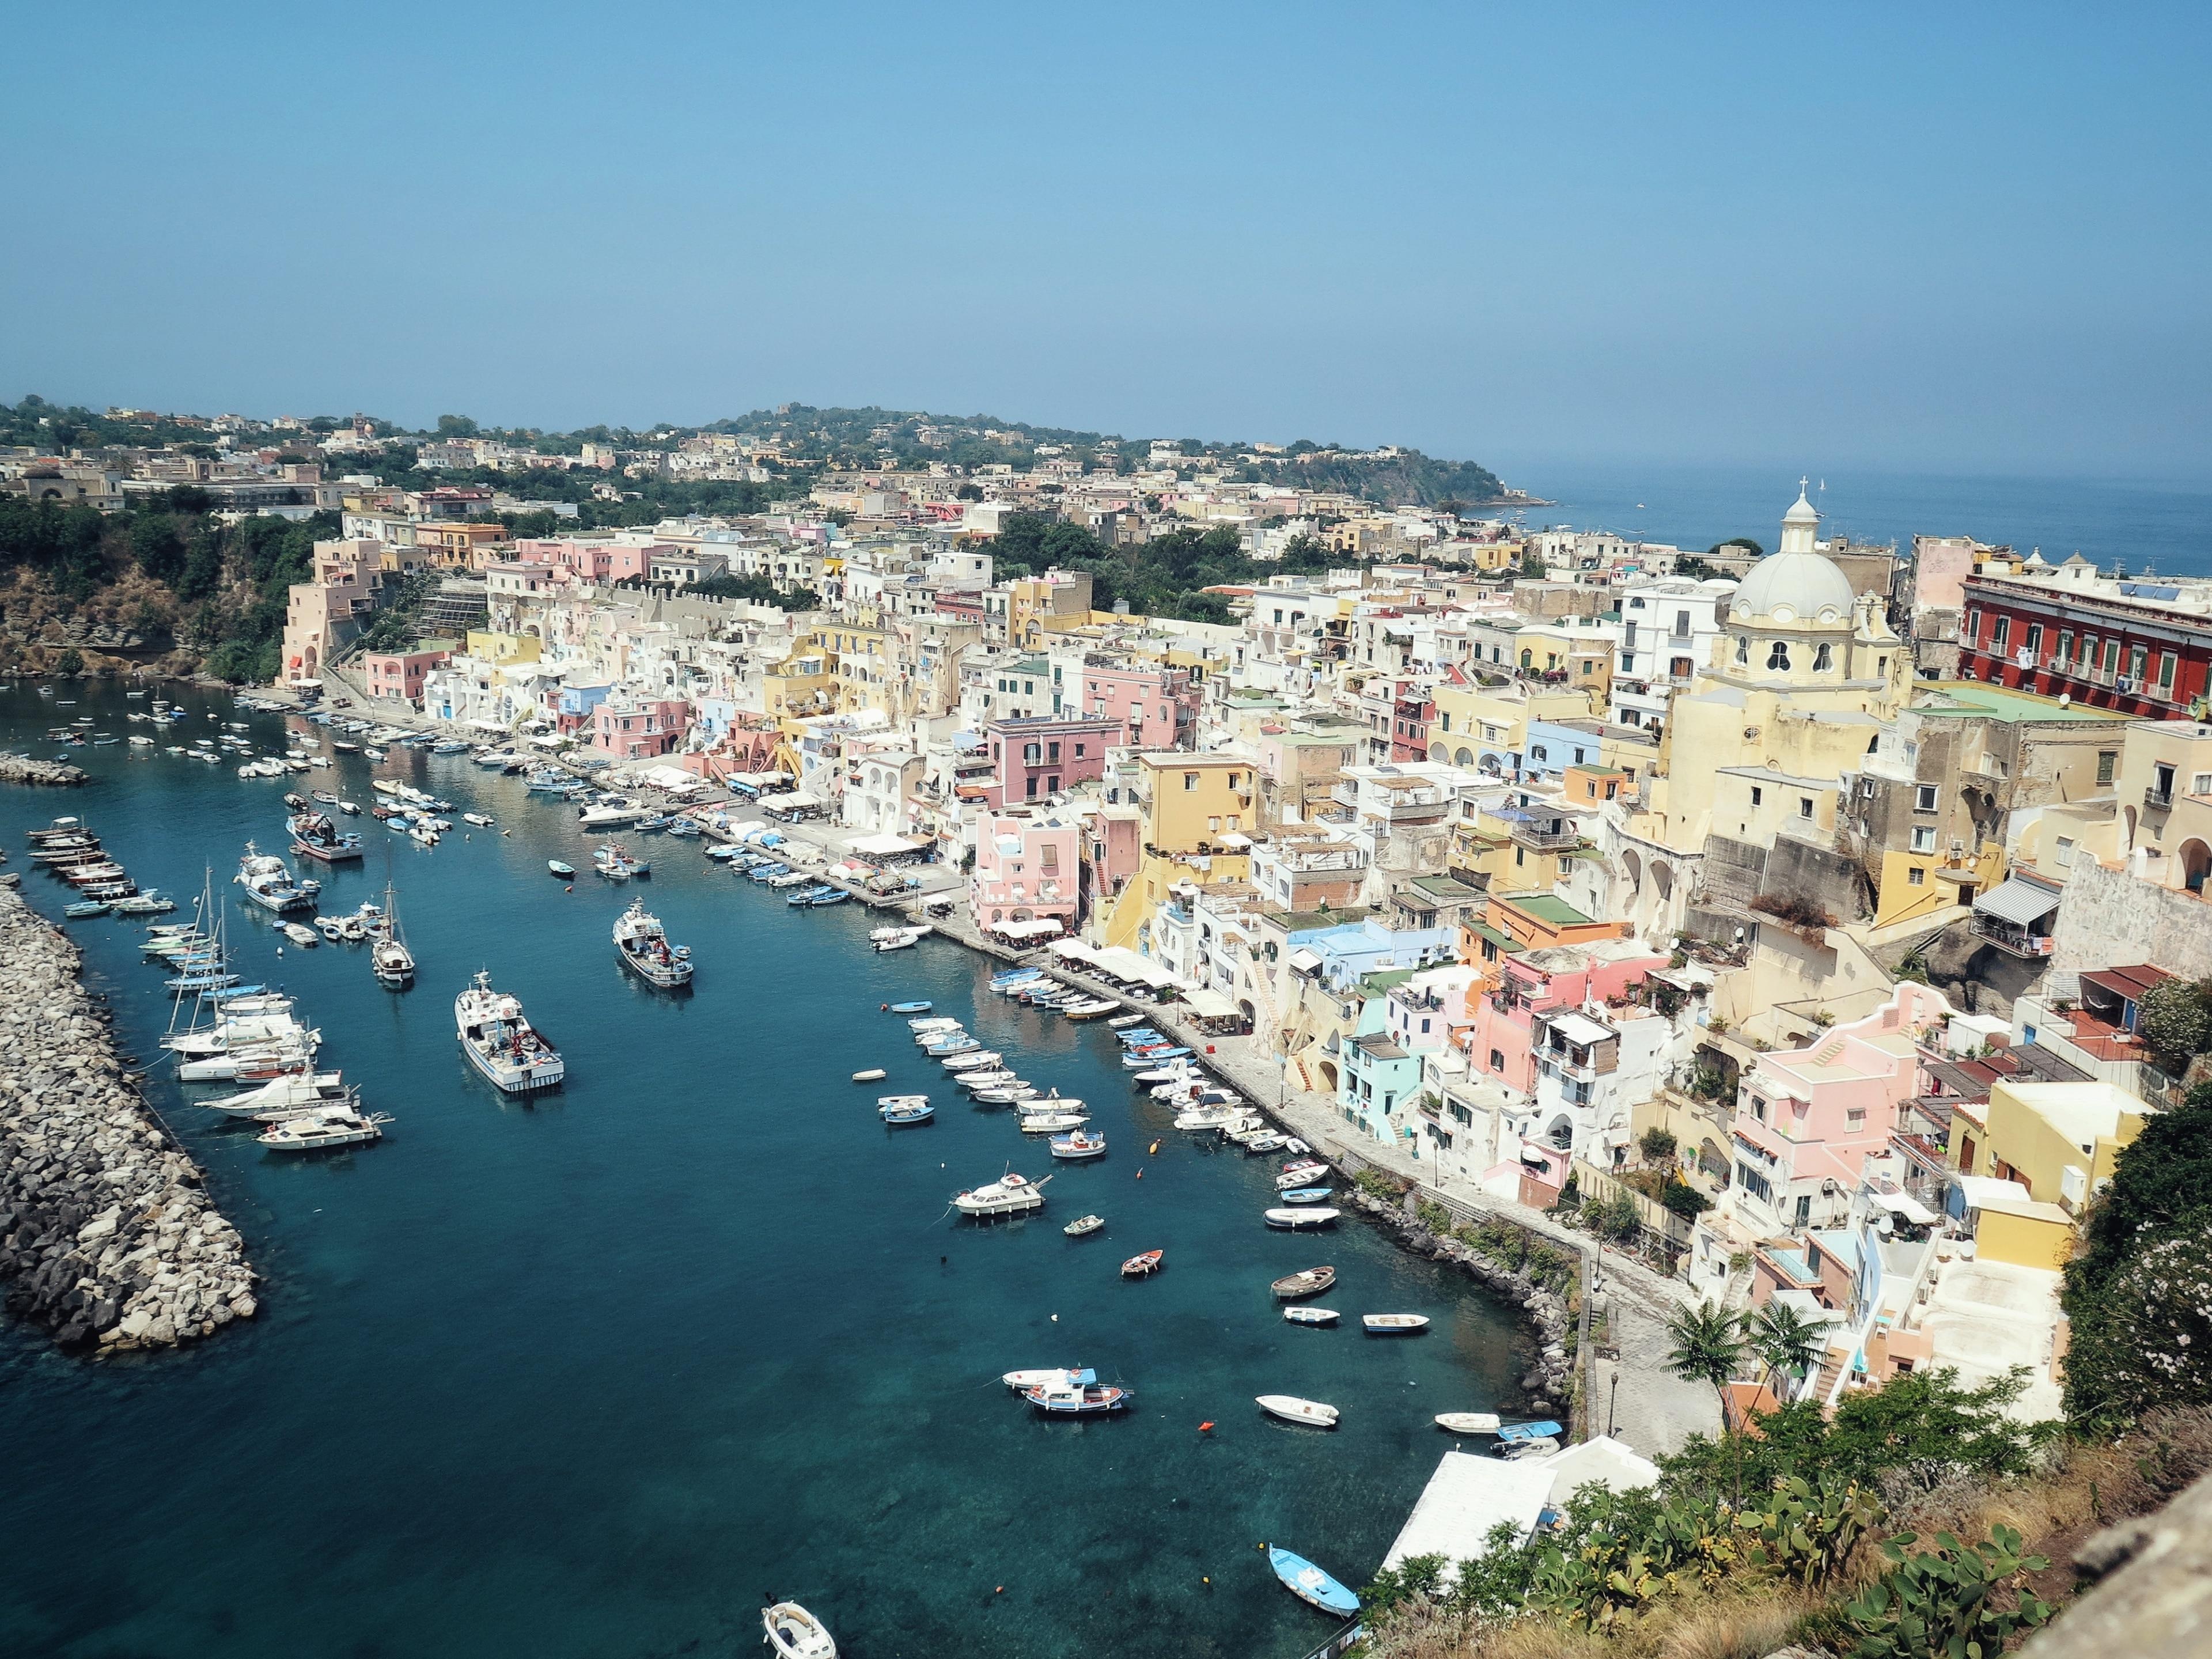 Giugliano in Campania, Campania, Italy